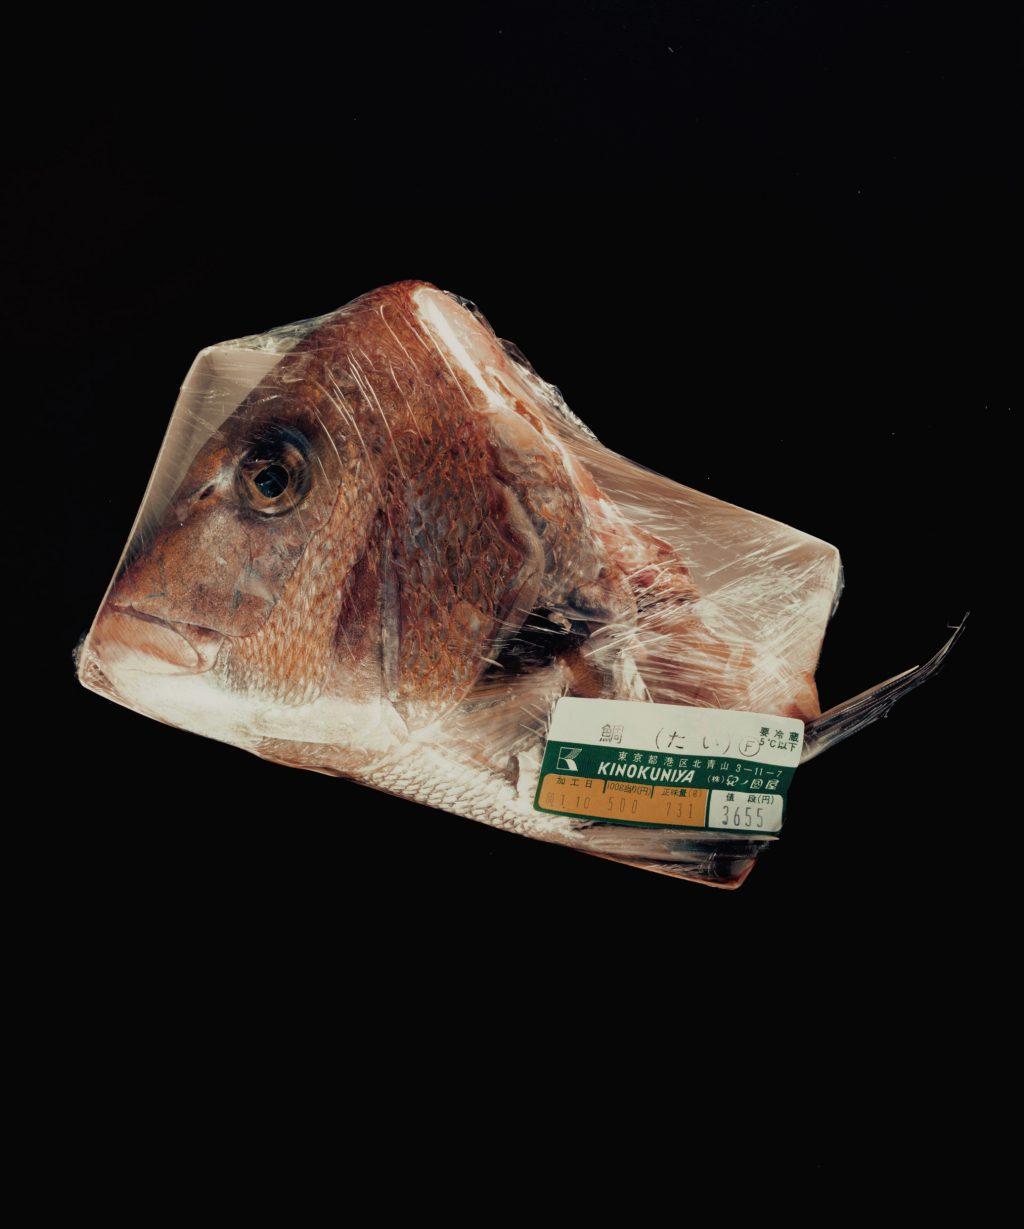 《包まれた食物》 1984-85年 ©高知県, 石元泰博フォトセンター